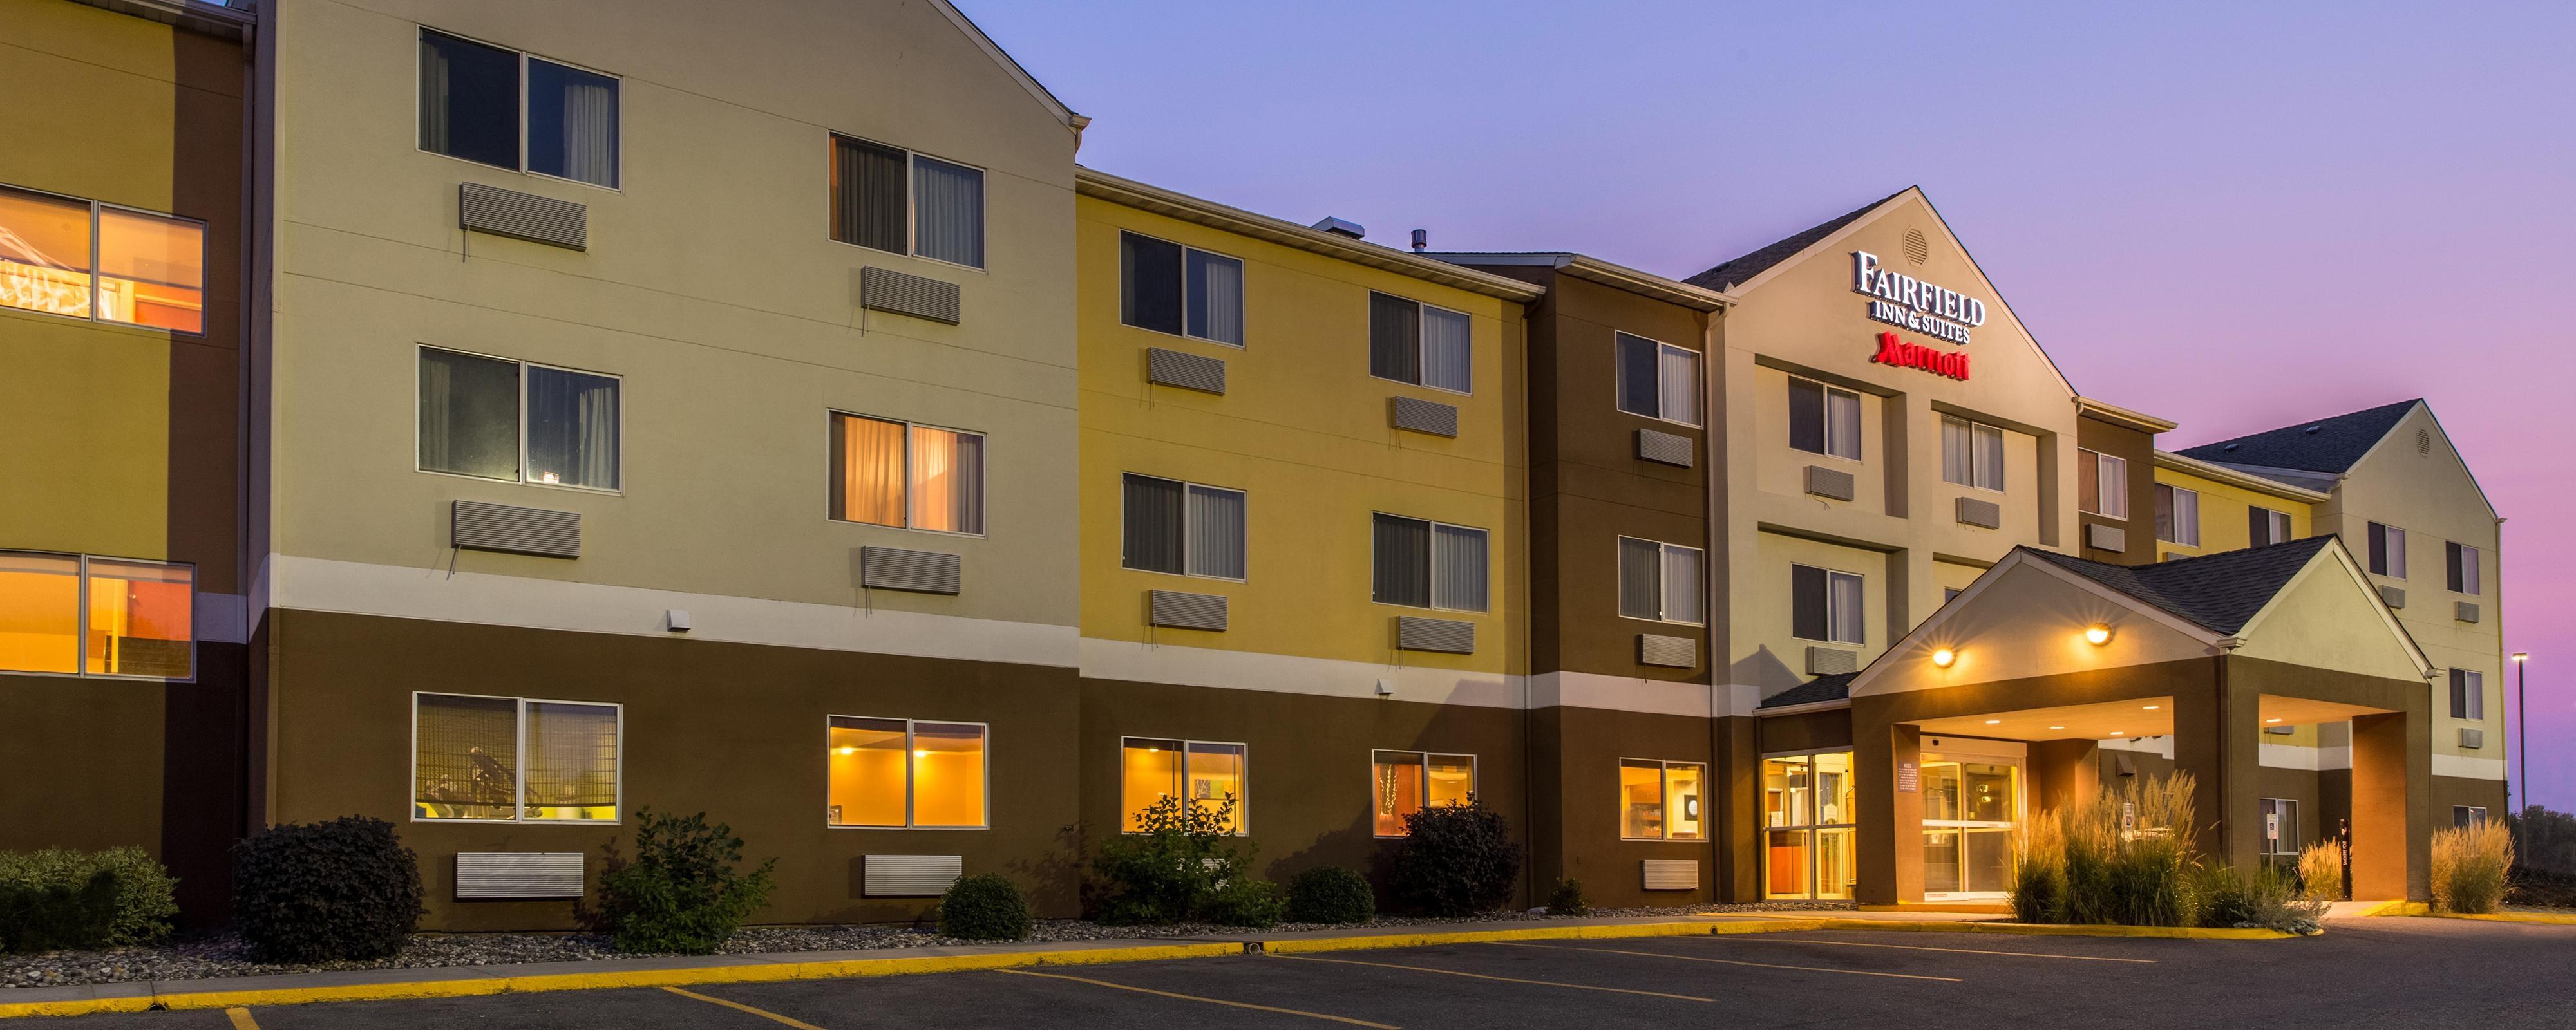 Hotels in Billings, MT   Hotels near MSU   Fairfield Inn & Suites ...